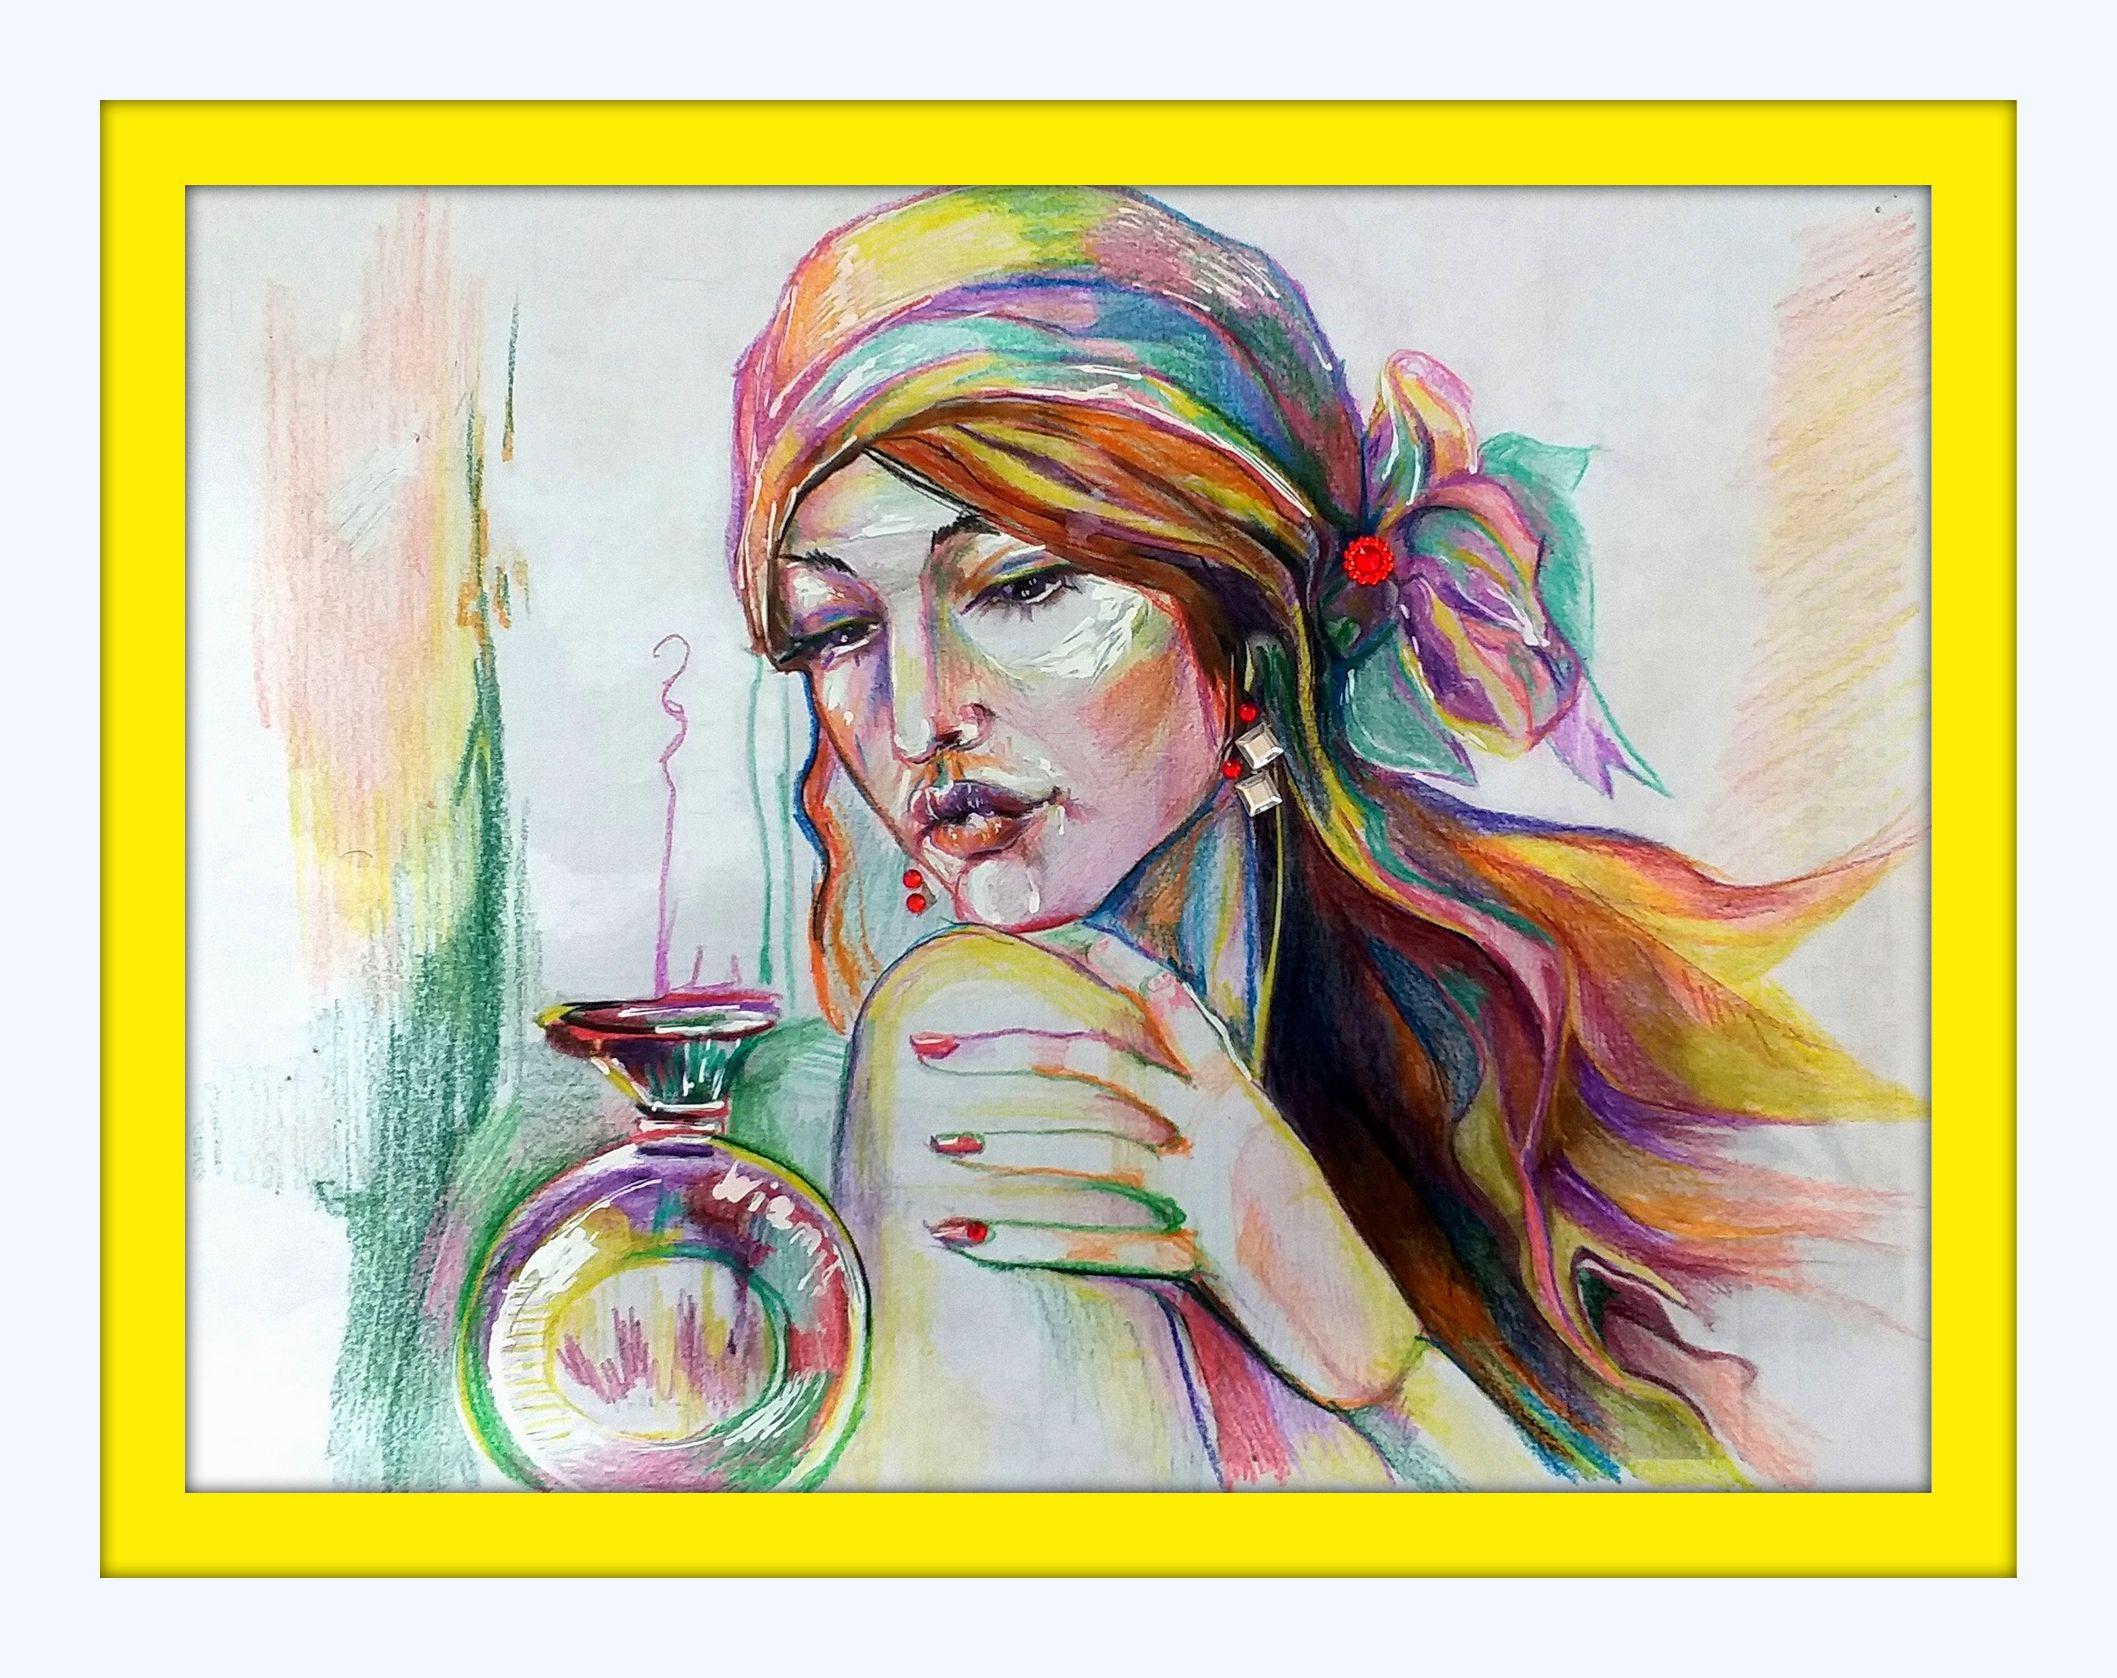 стразы духи девушка картина техника акварельная модель искусство современное